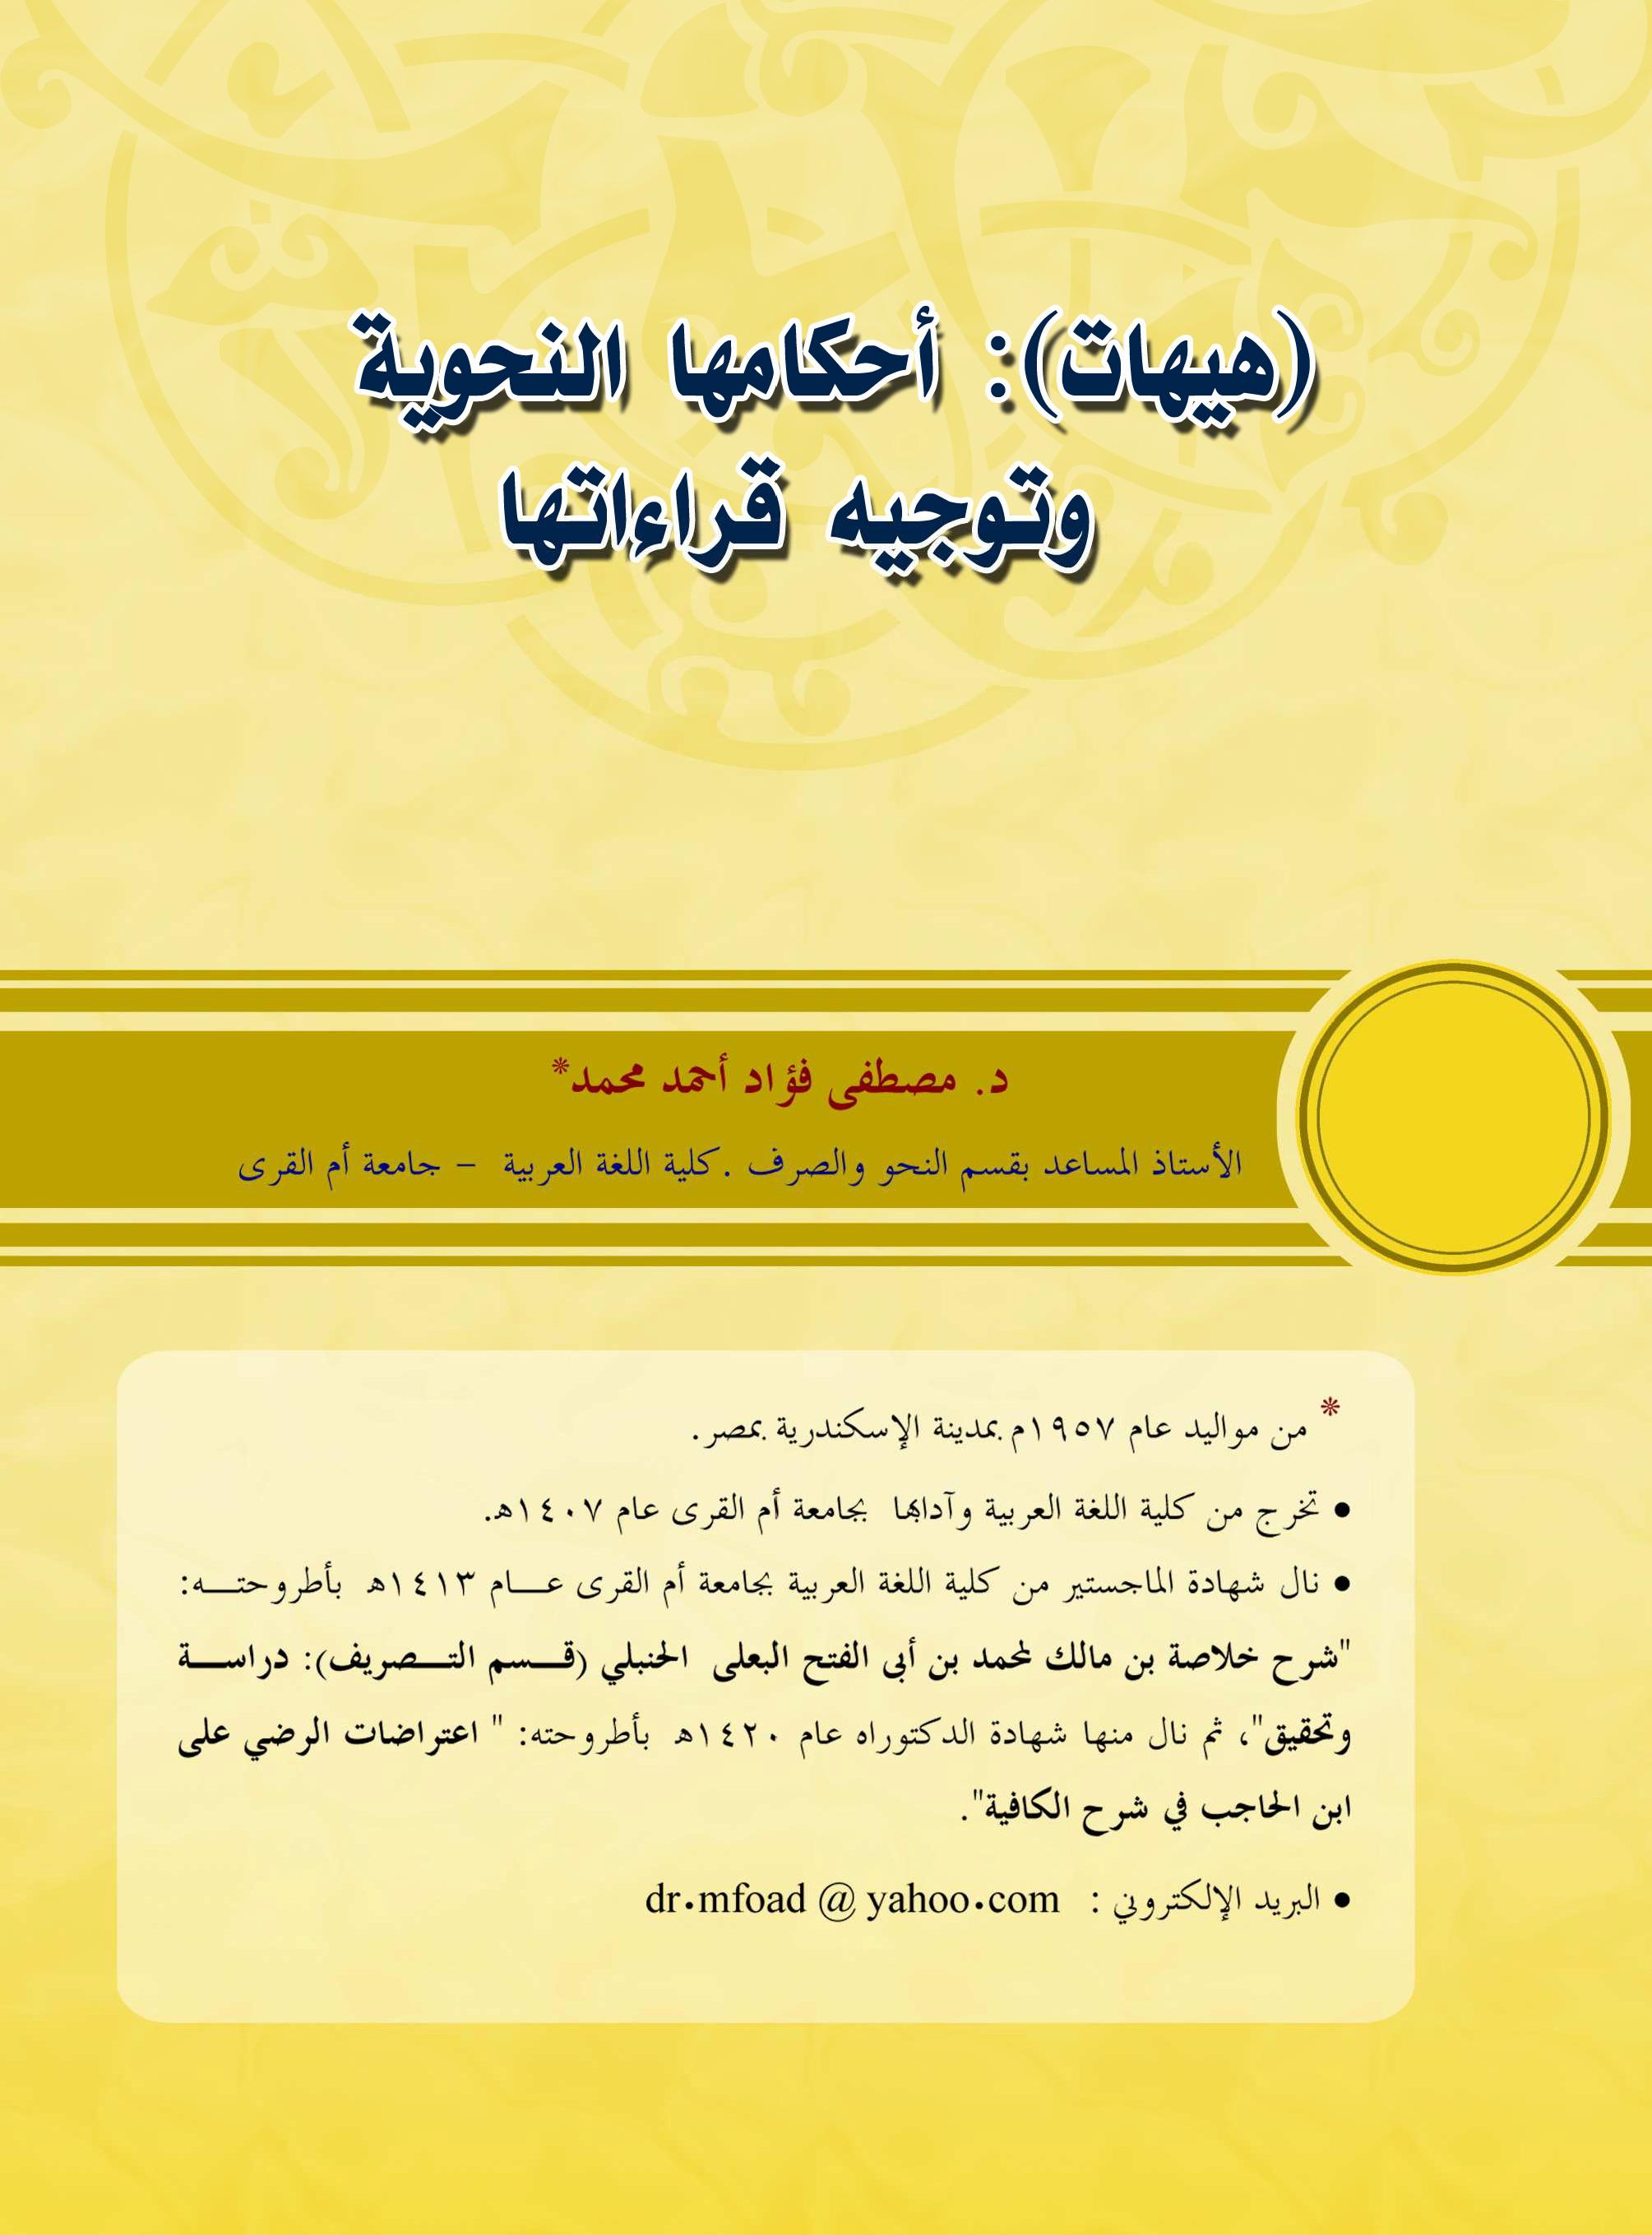 تحميل كتاب (هيهات) أحكامها النحوية وتوجيه قراءاتها لـِ: الدكتور مصطفى فؤاد أحمد محمد